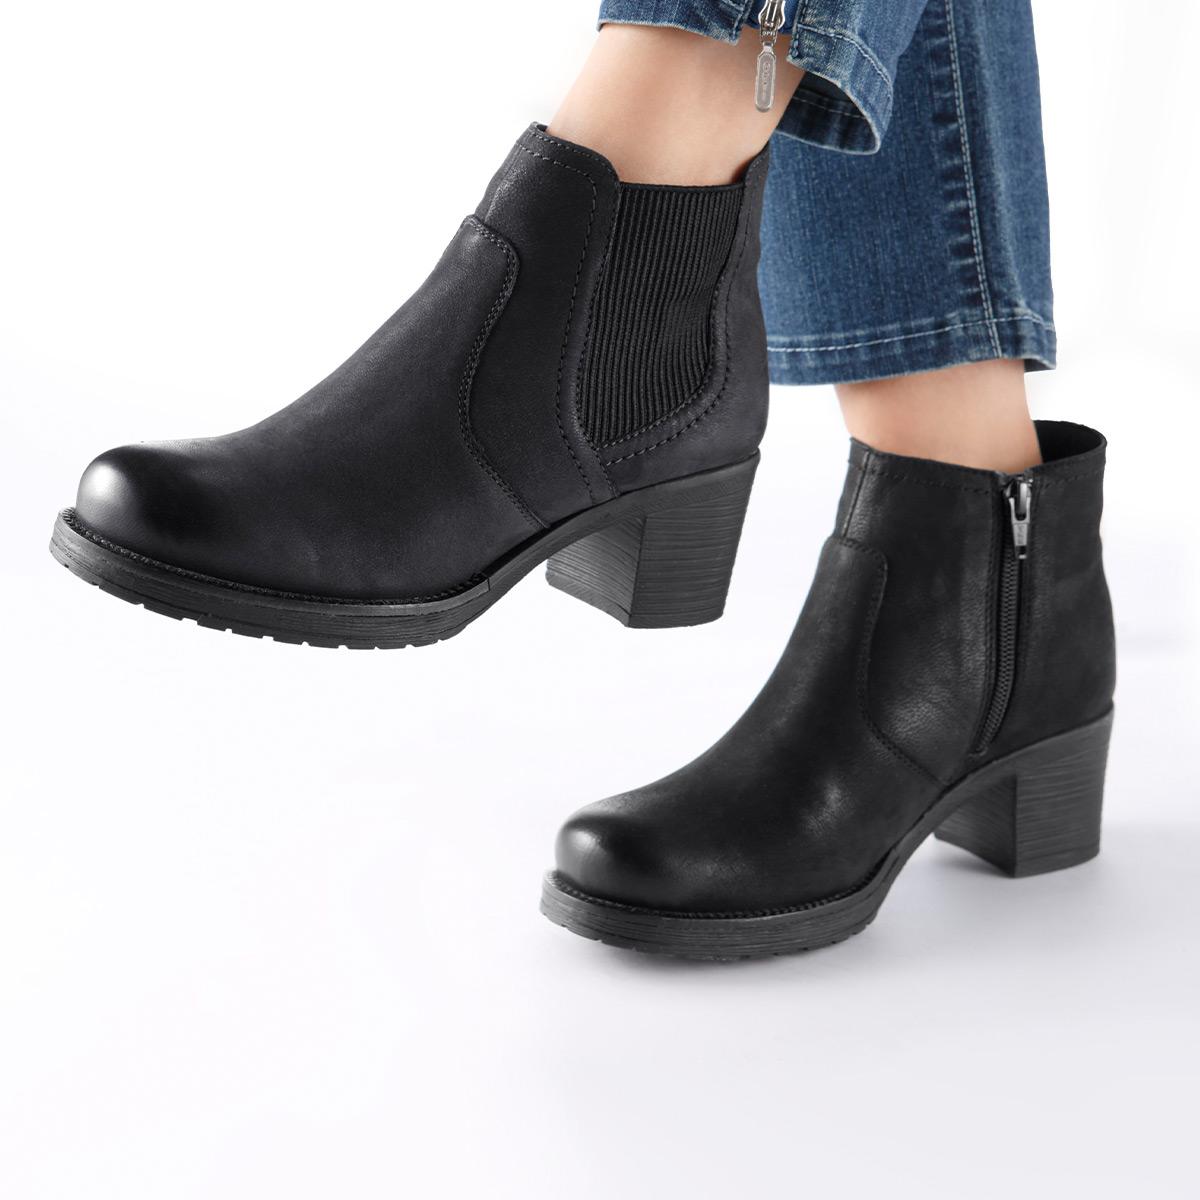 Aktuelle Damenmode, schicke Schuhe und Wäsche | ambria